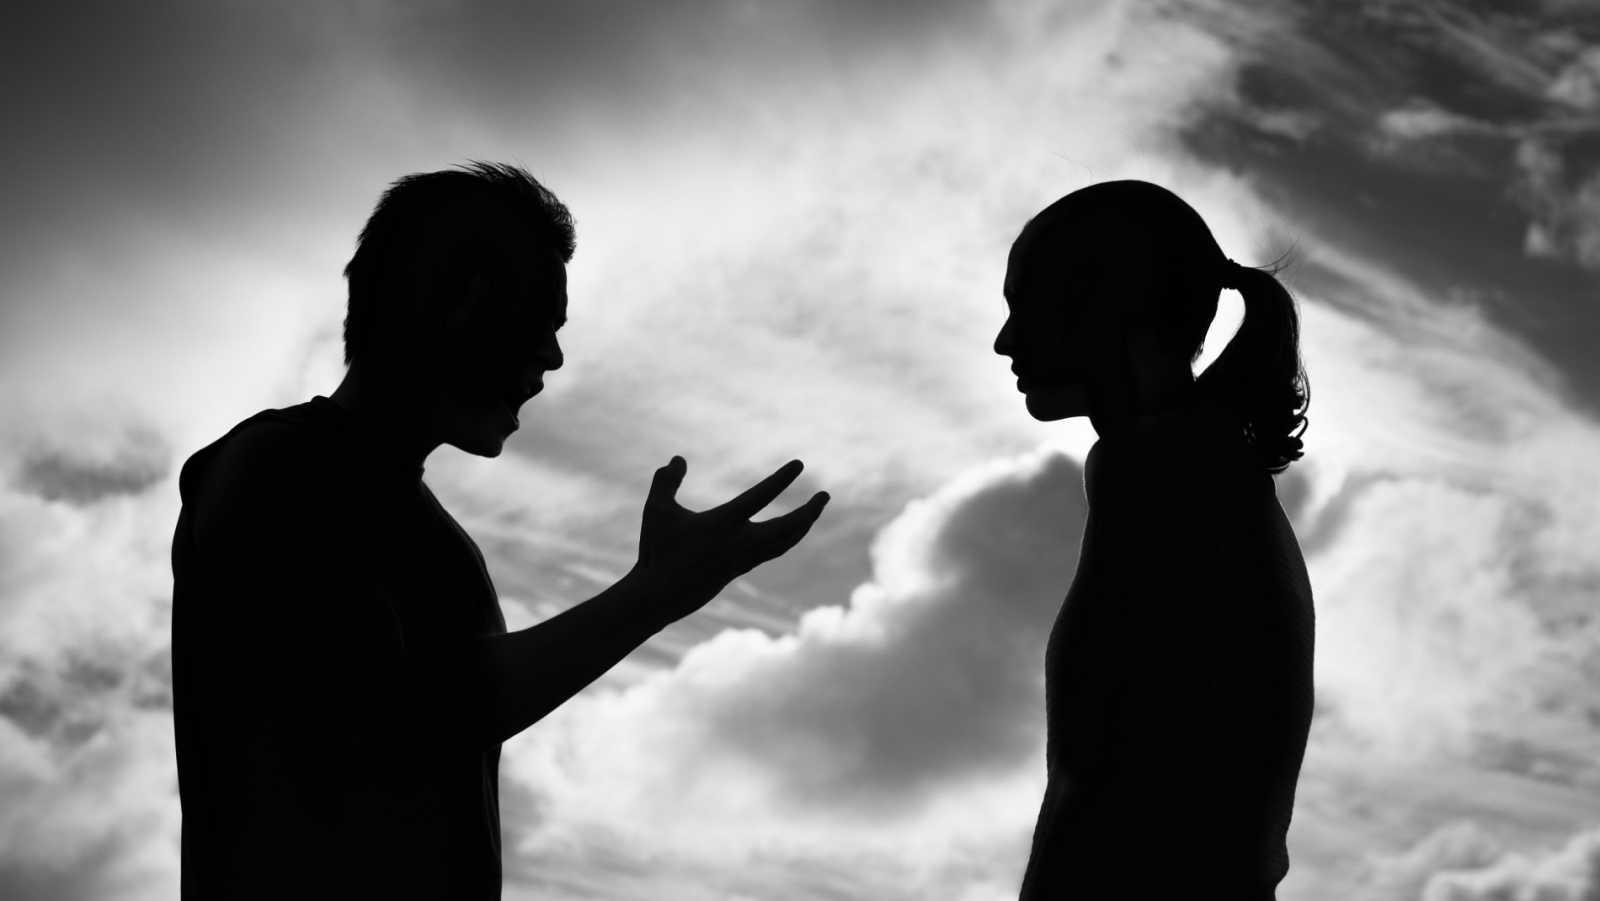 Violencia machista en el mundo rural: víctimas de la dependencia económica y el silencio